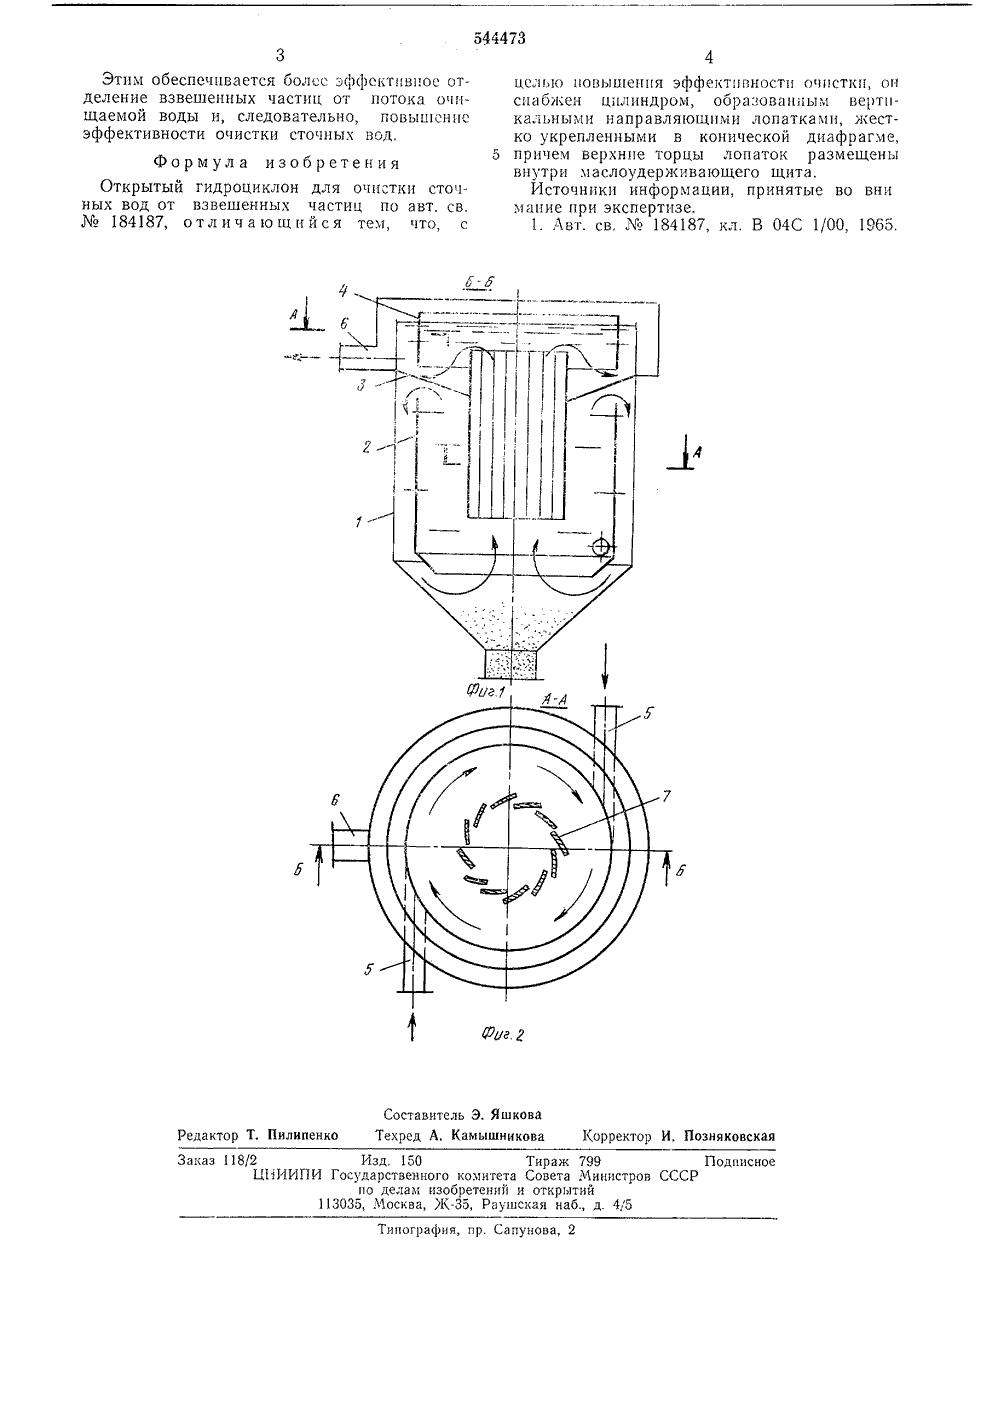 Гидроциклон для сточных вод дробилка щековая лабораторная марки длщ 60х100 цена